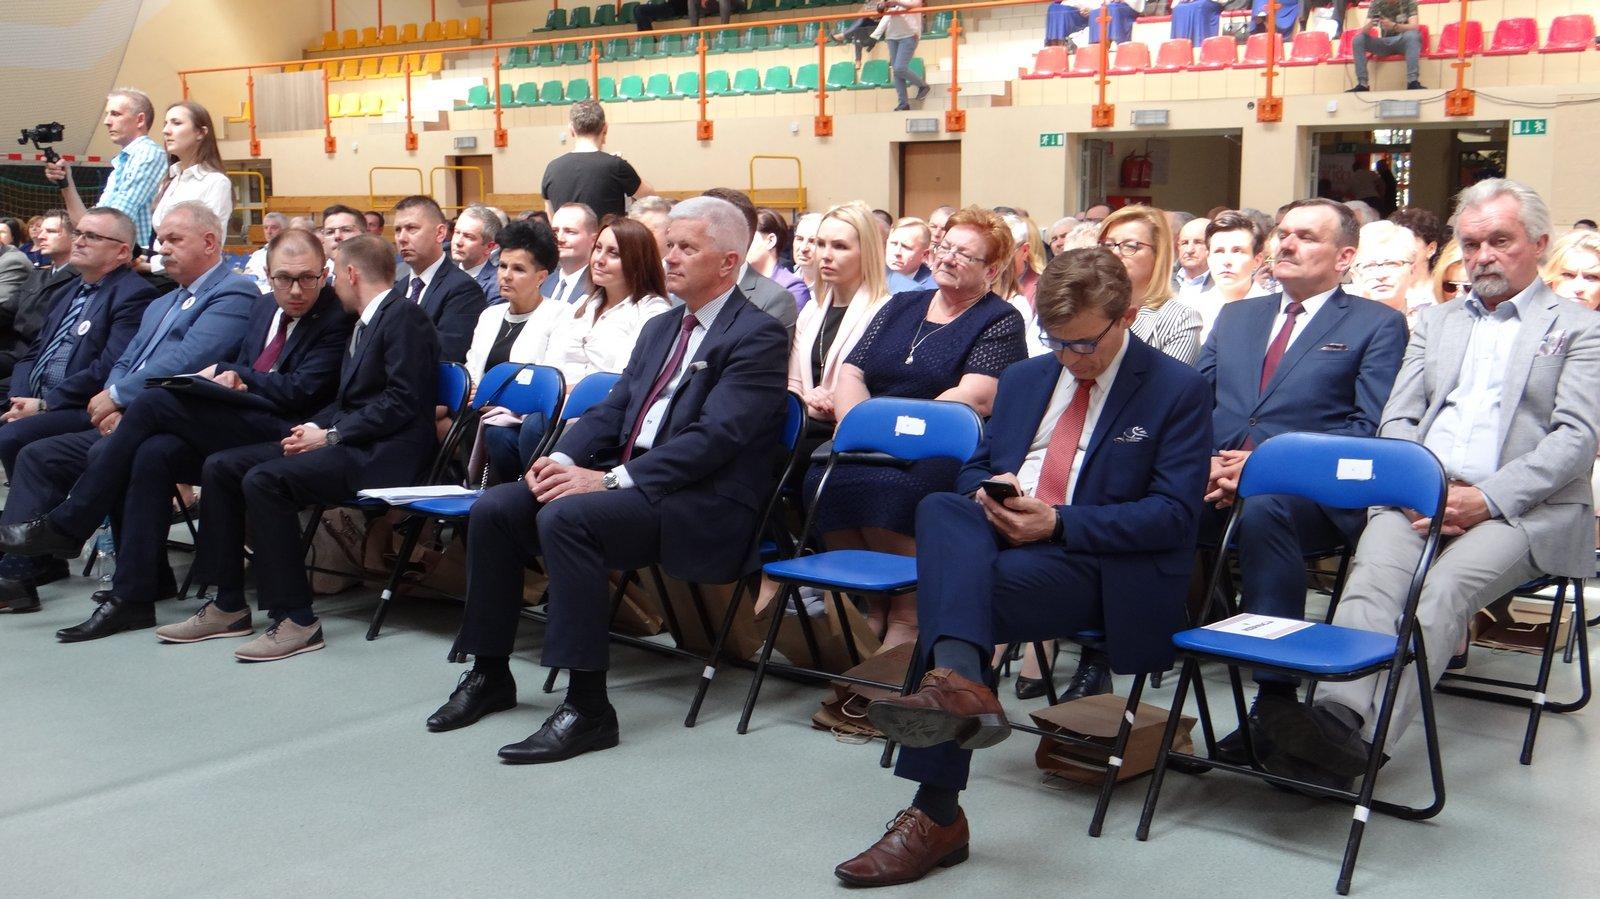 dsc09456 - Wielkopolska zaradność i pracowitość doceniona na Forum Wielkopolskiej Wsi Europejskiej